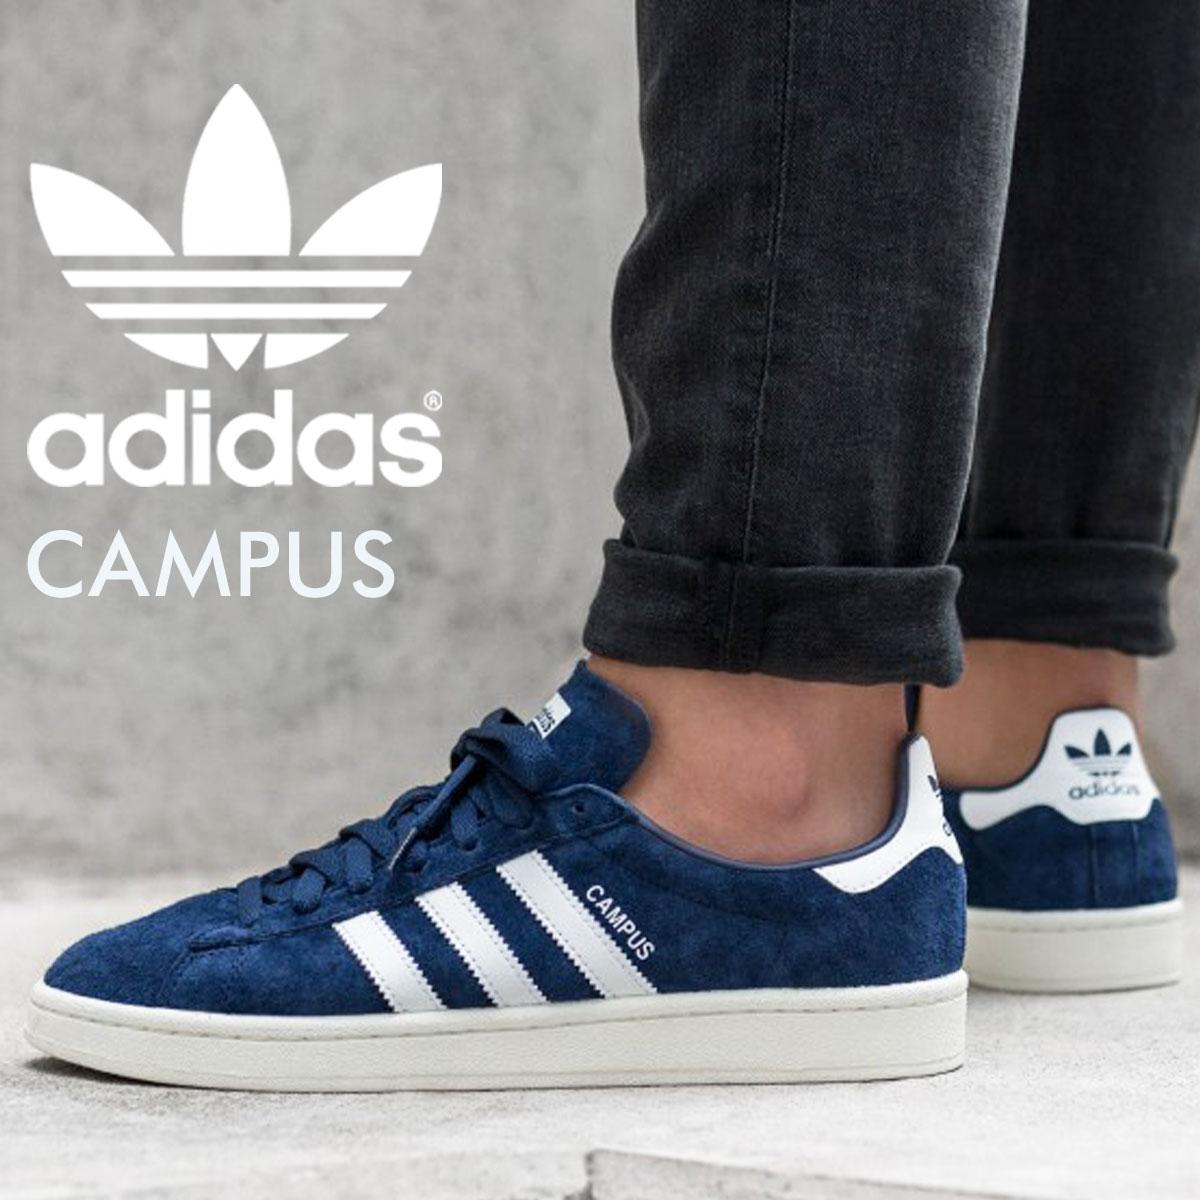 adidas Originals campus Adidas originals sneakers CAMPUS men gap Dis BZ0086 blue